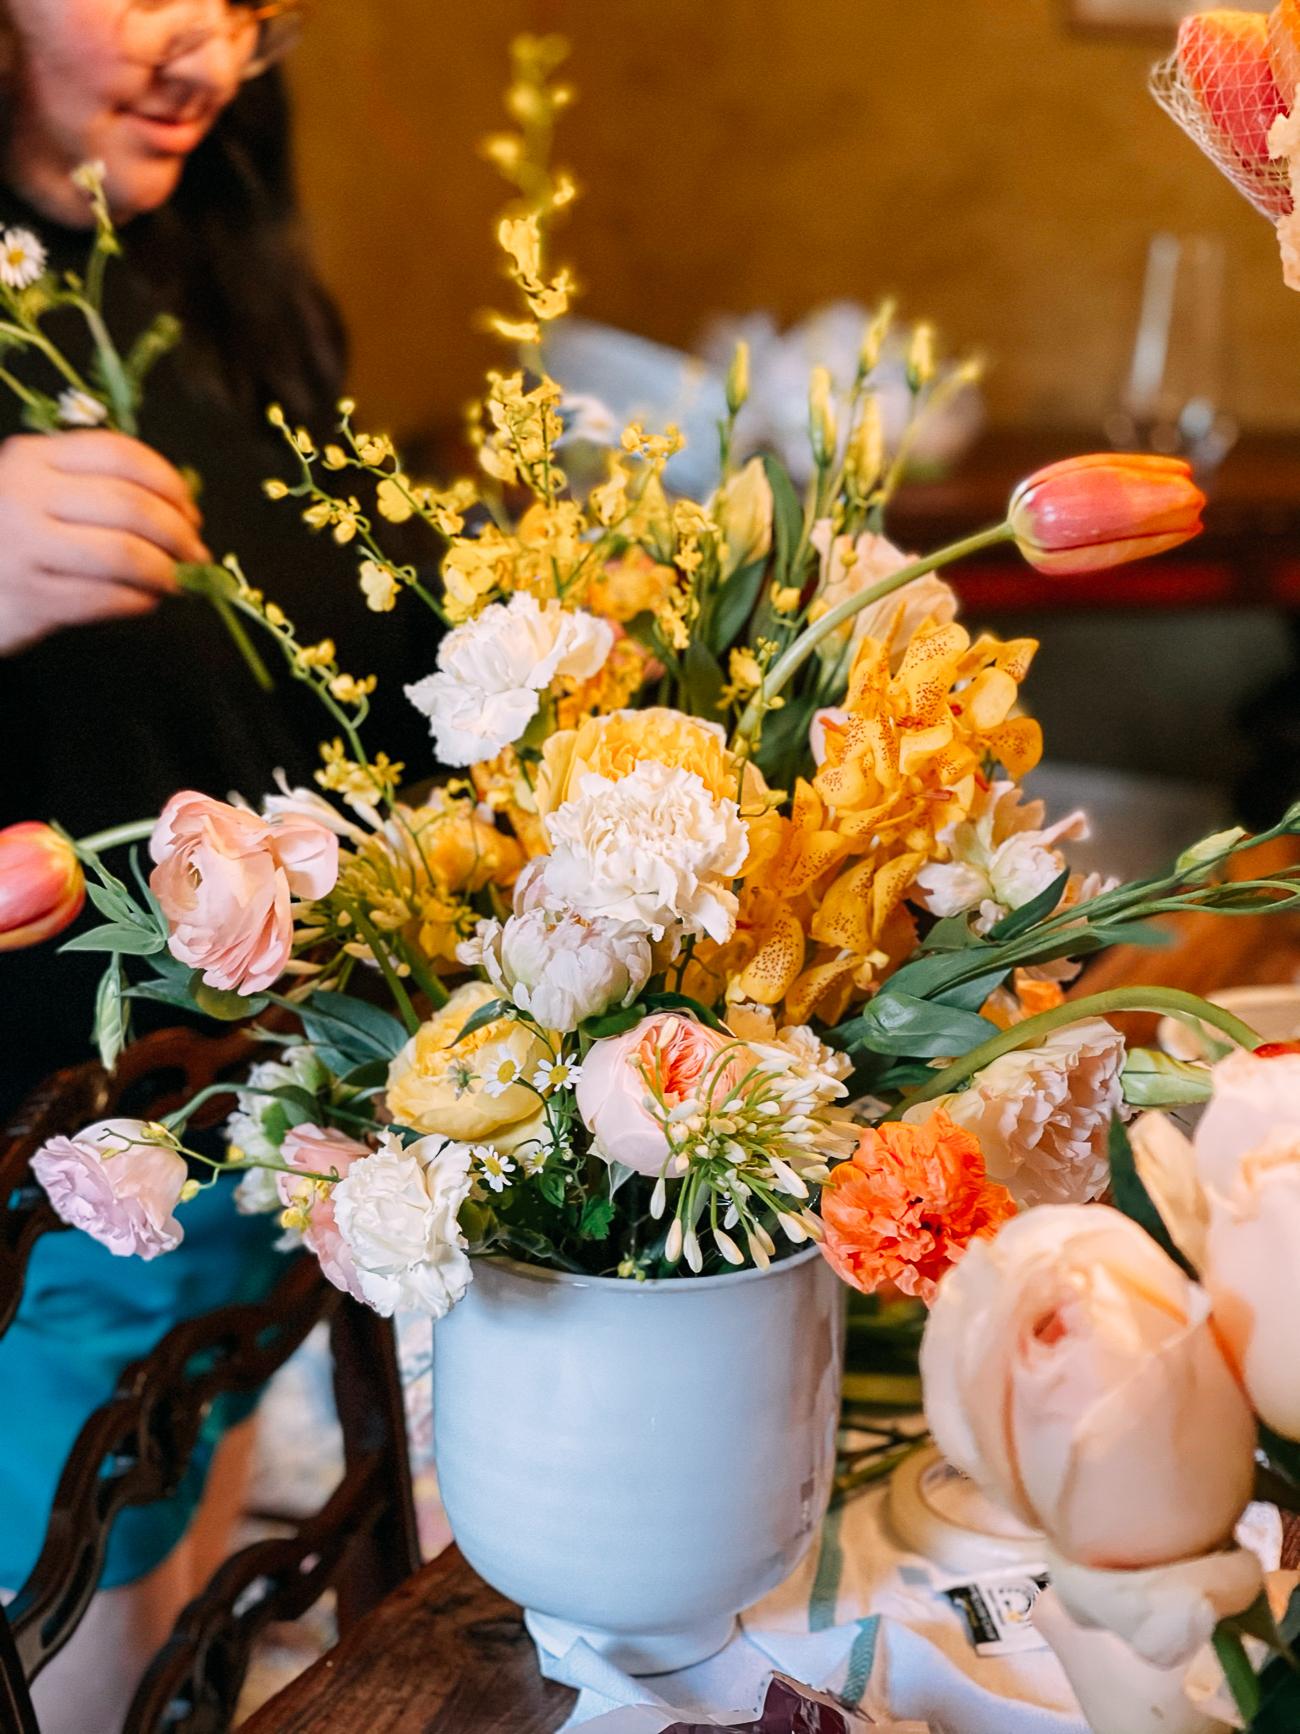 Kaitlin's rehearsal dinner flowers